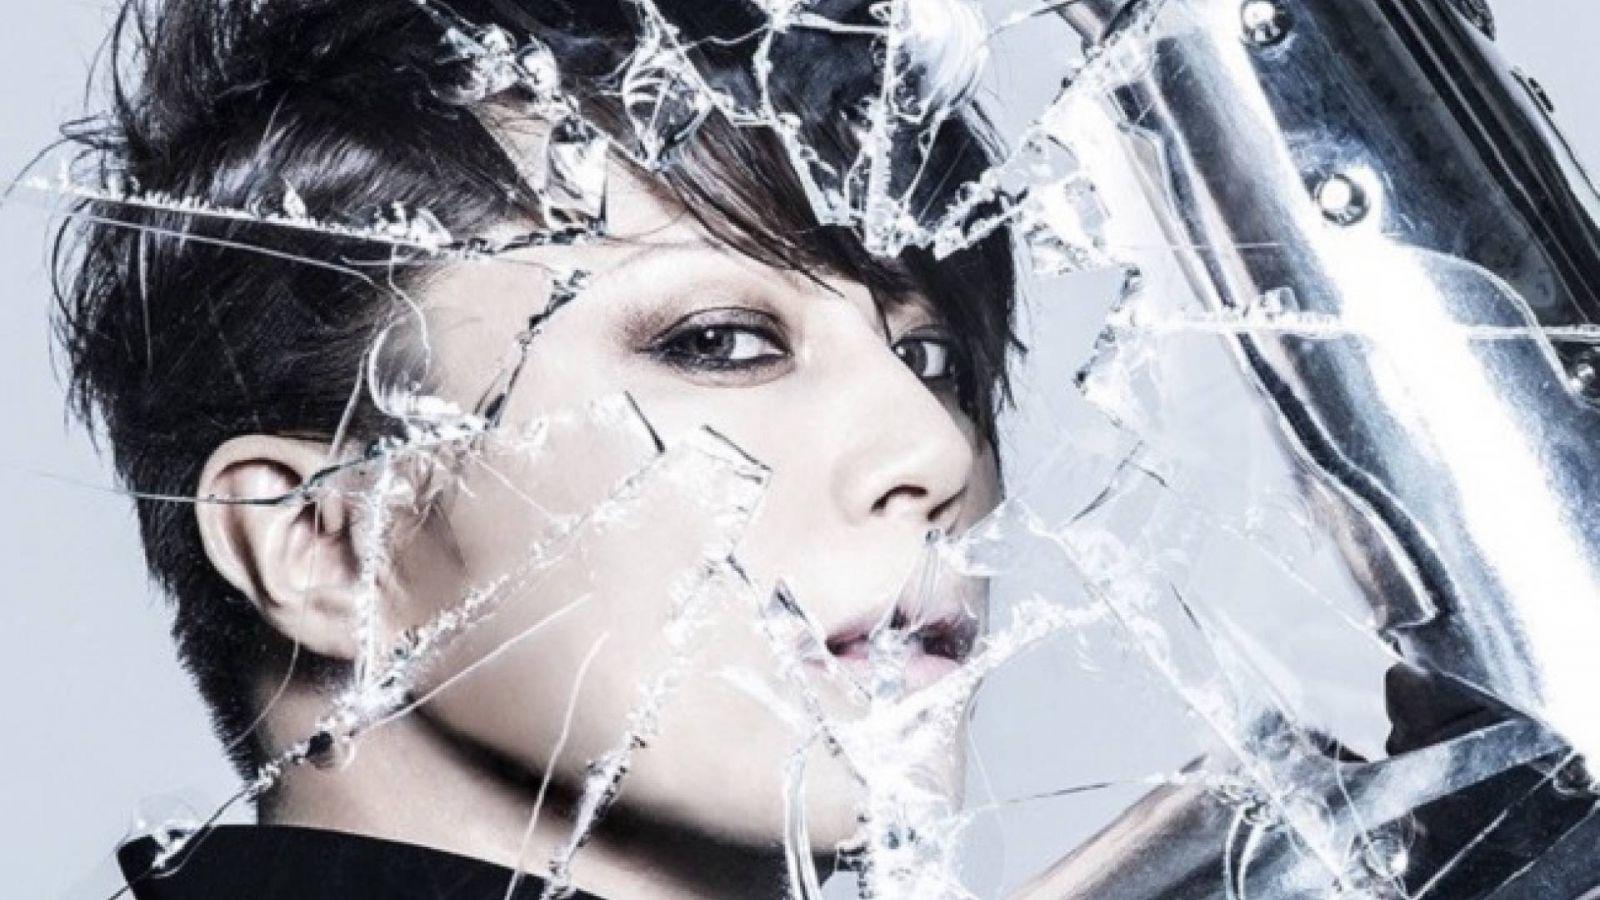 Takanori Nishikawa colaborará en una canción con Fear, and Loathing in Las Vegas © EPIC Records Japan